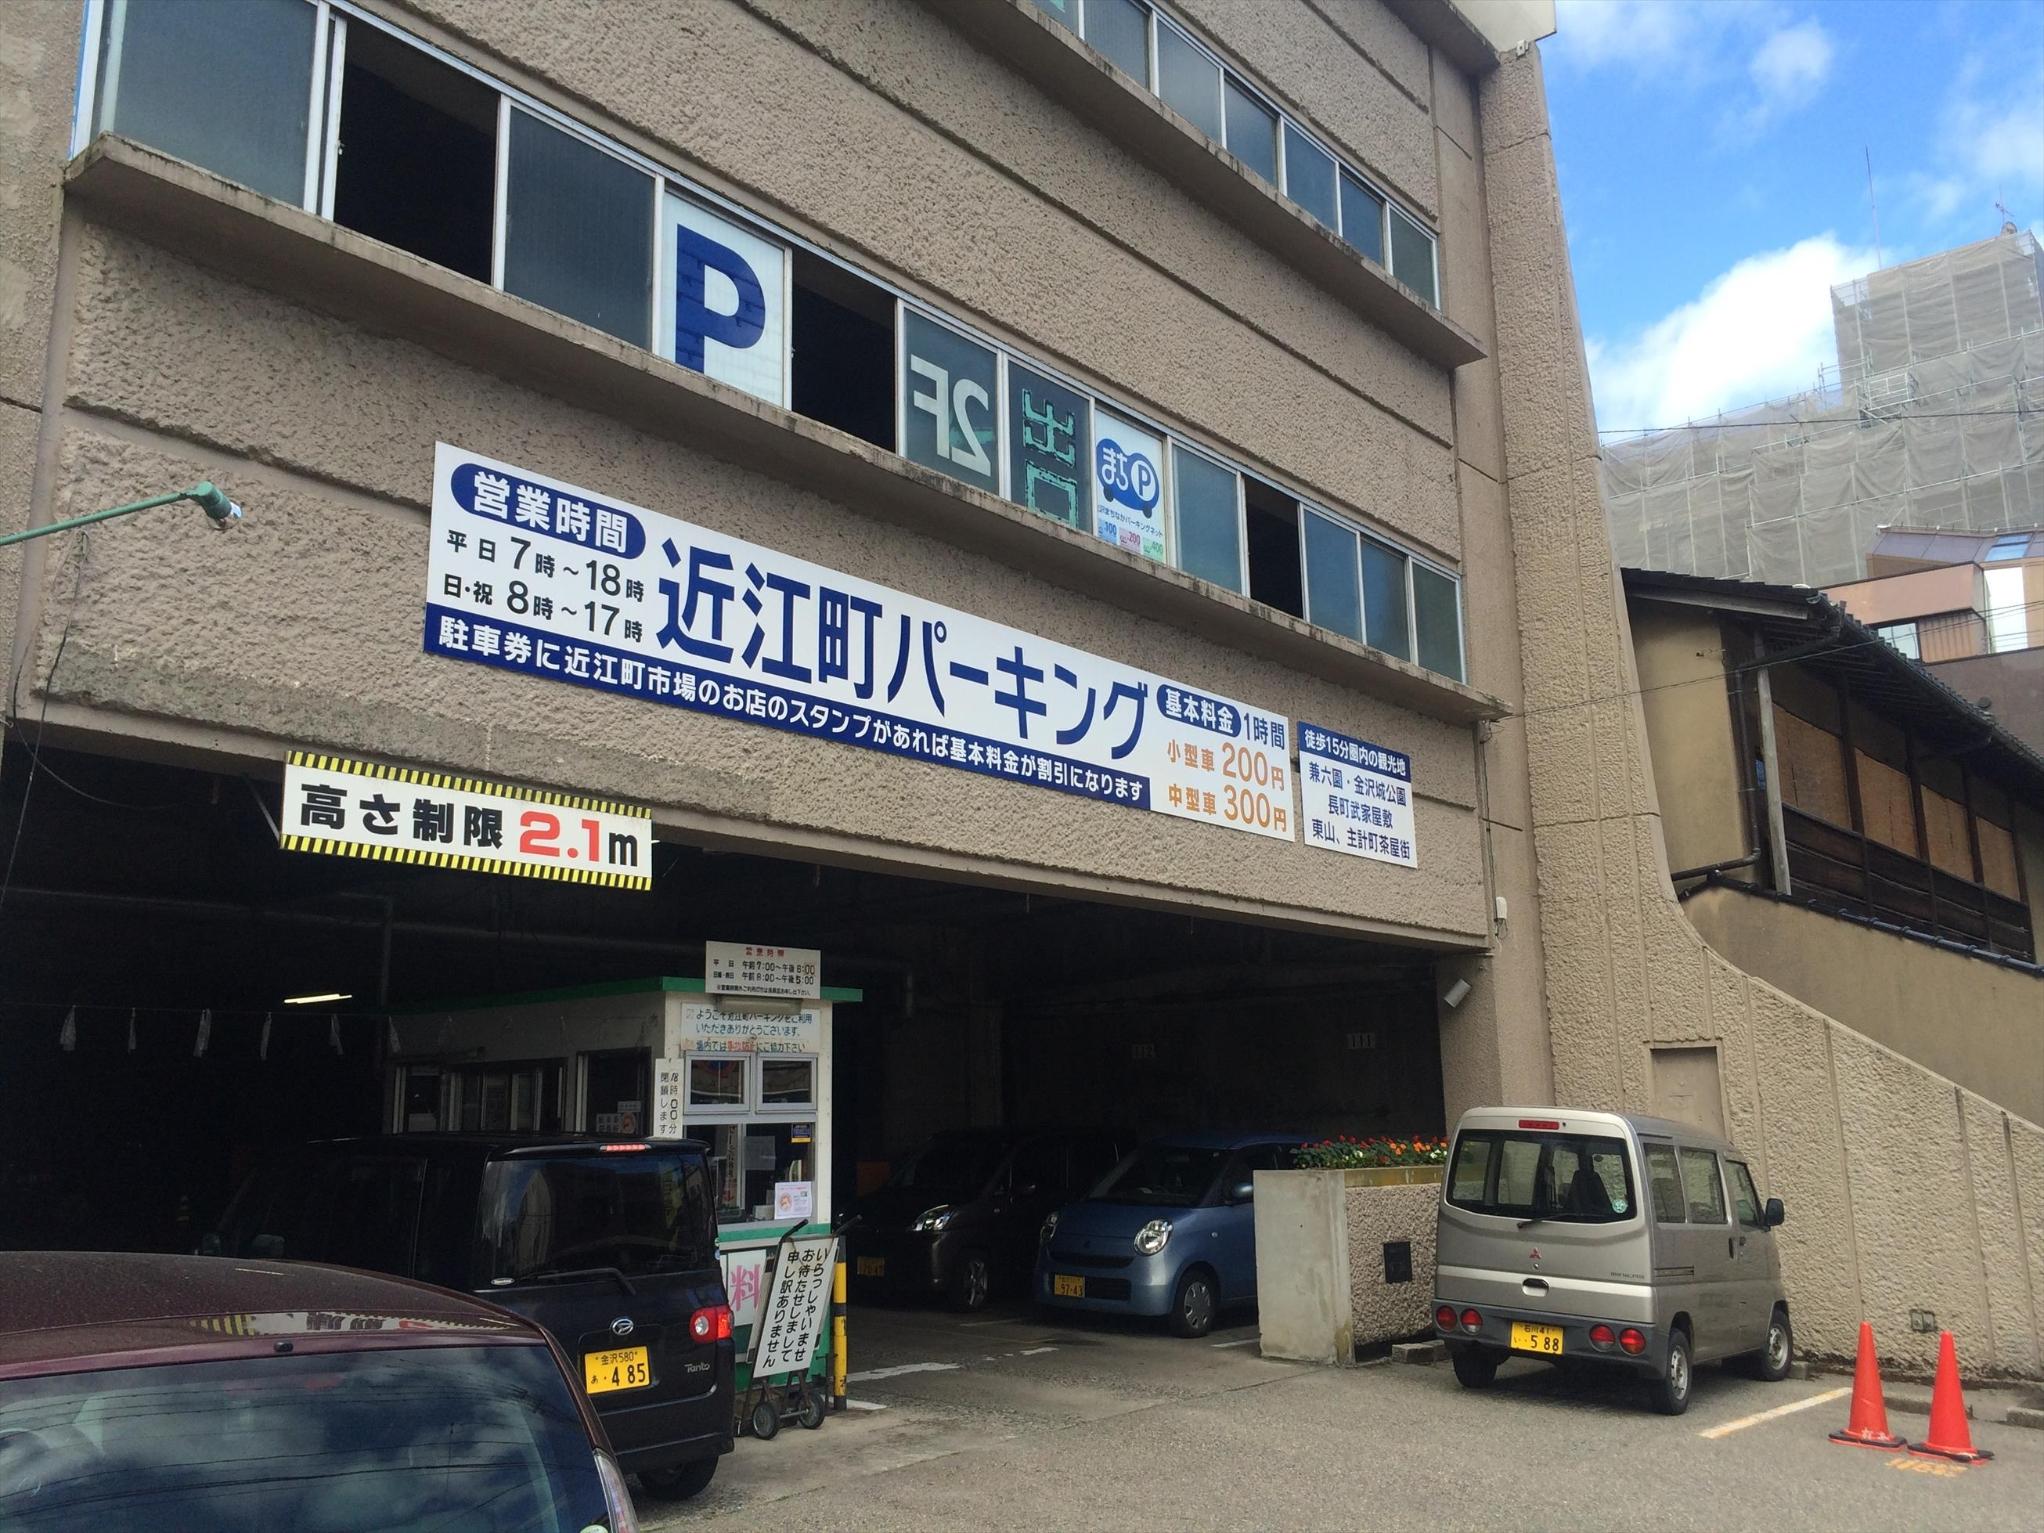 近江町パーキング自動精算機設置工事に伴う営業中止について